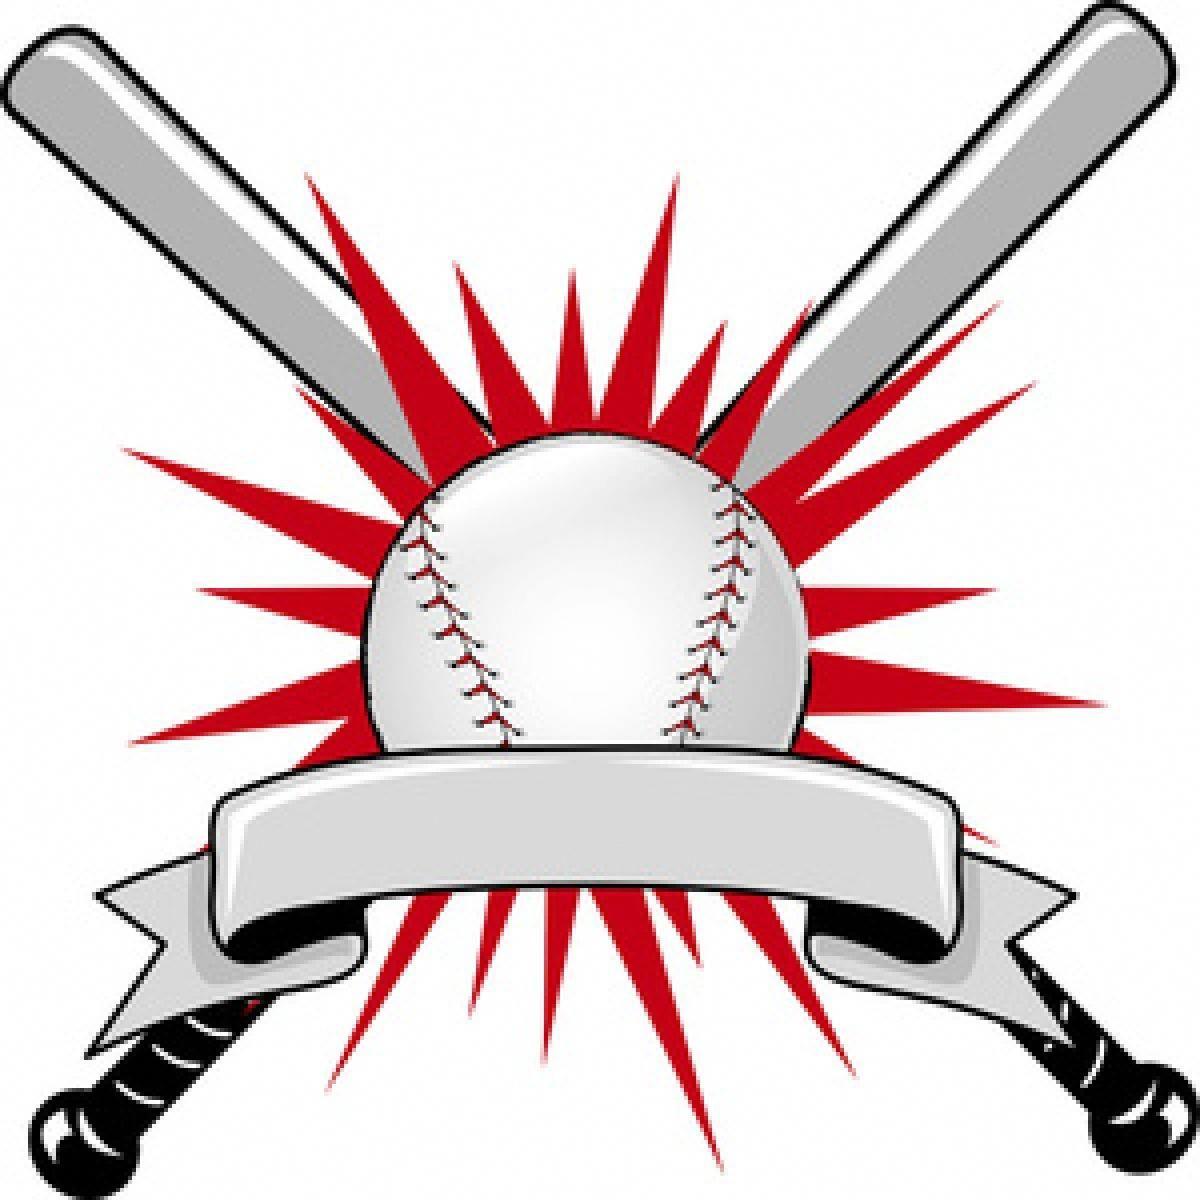 Baseball clipart high school baseball. Image result for highschoolbaseball